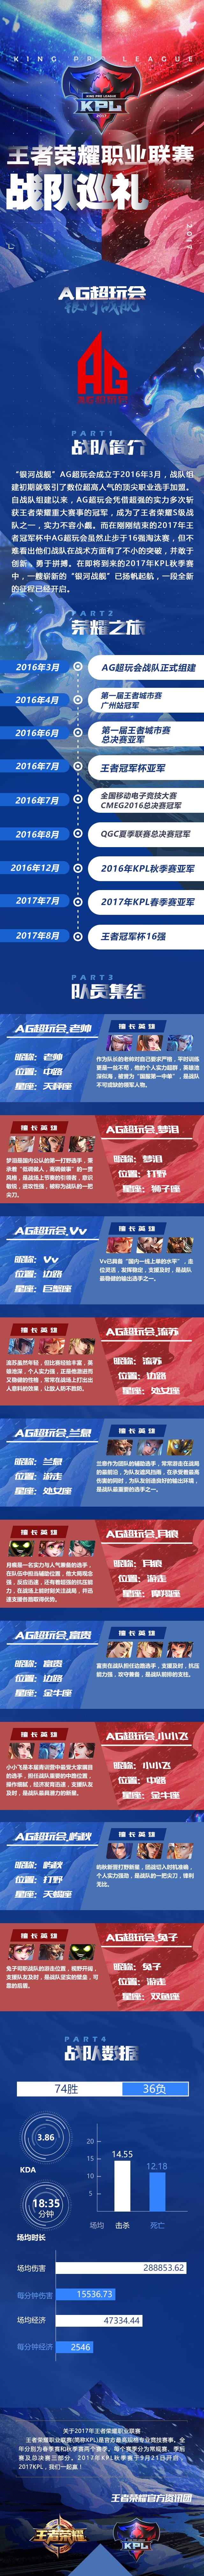 """战队巡礼:""""银河战舰"""" AG超玩会"""